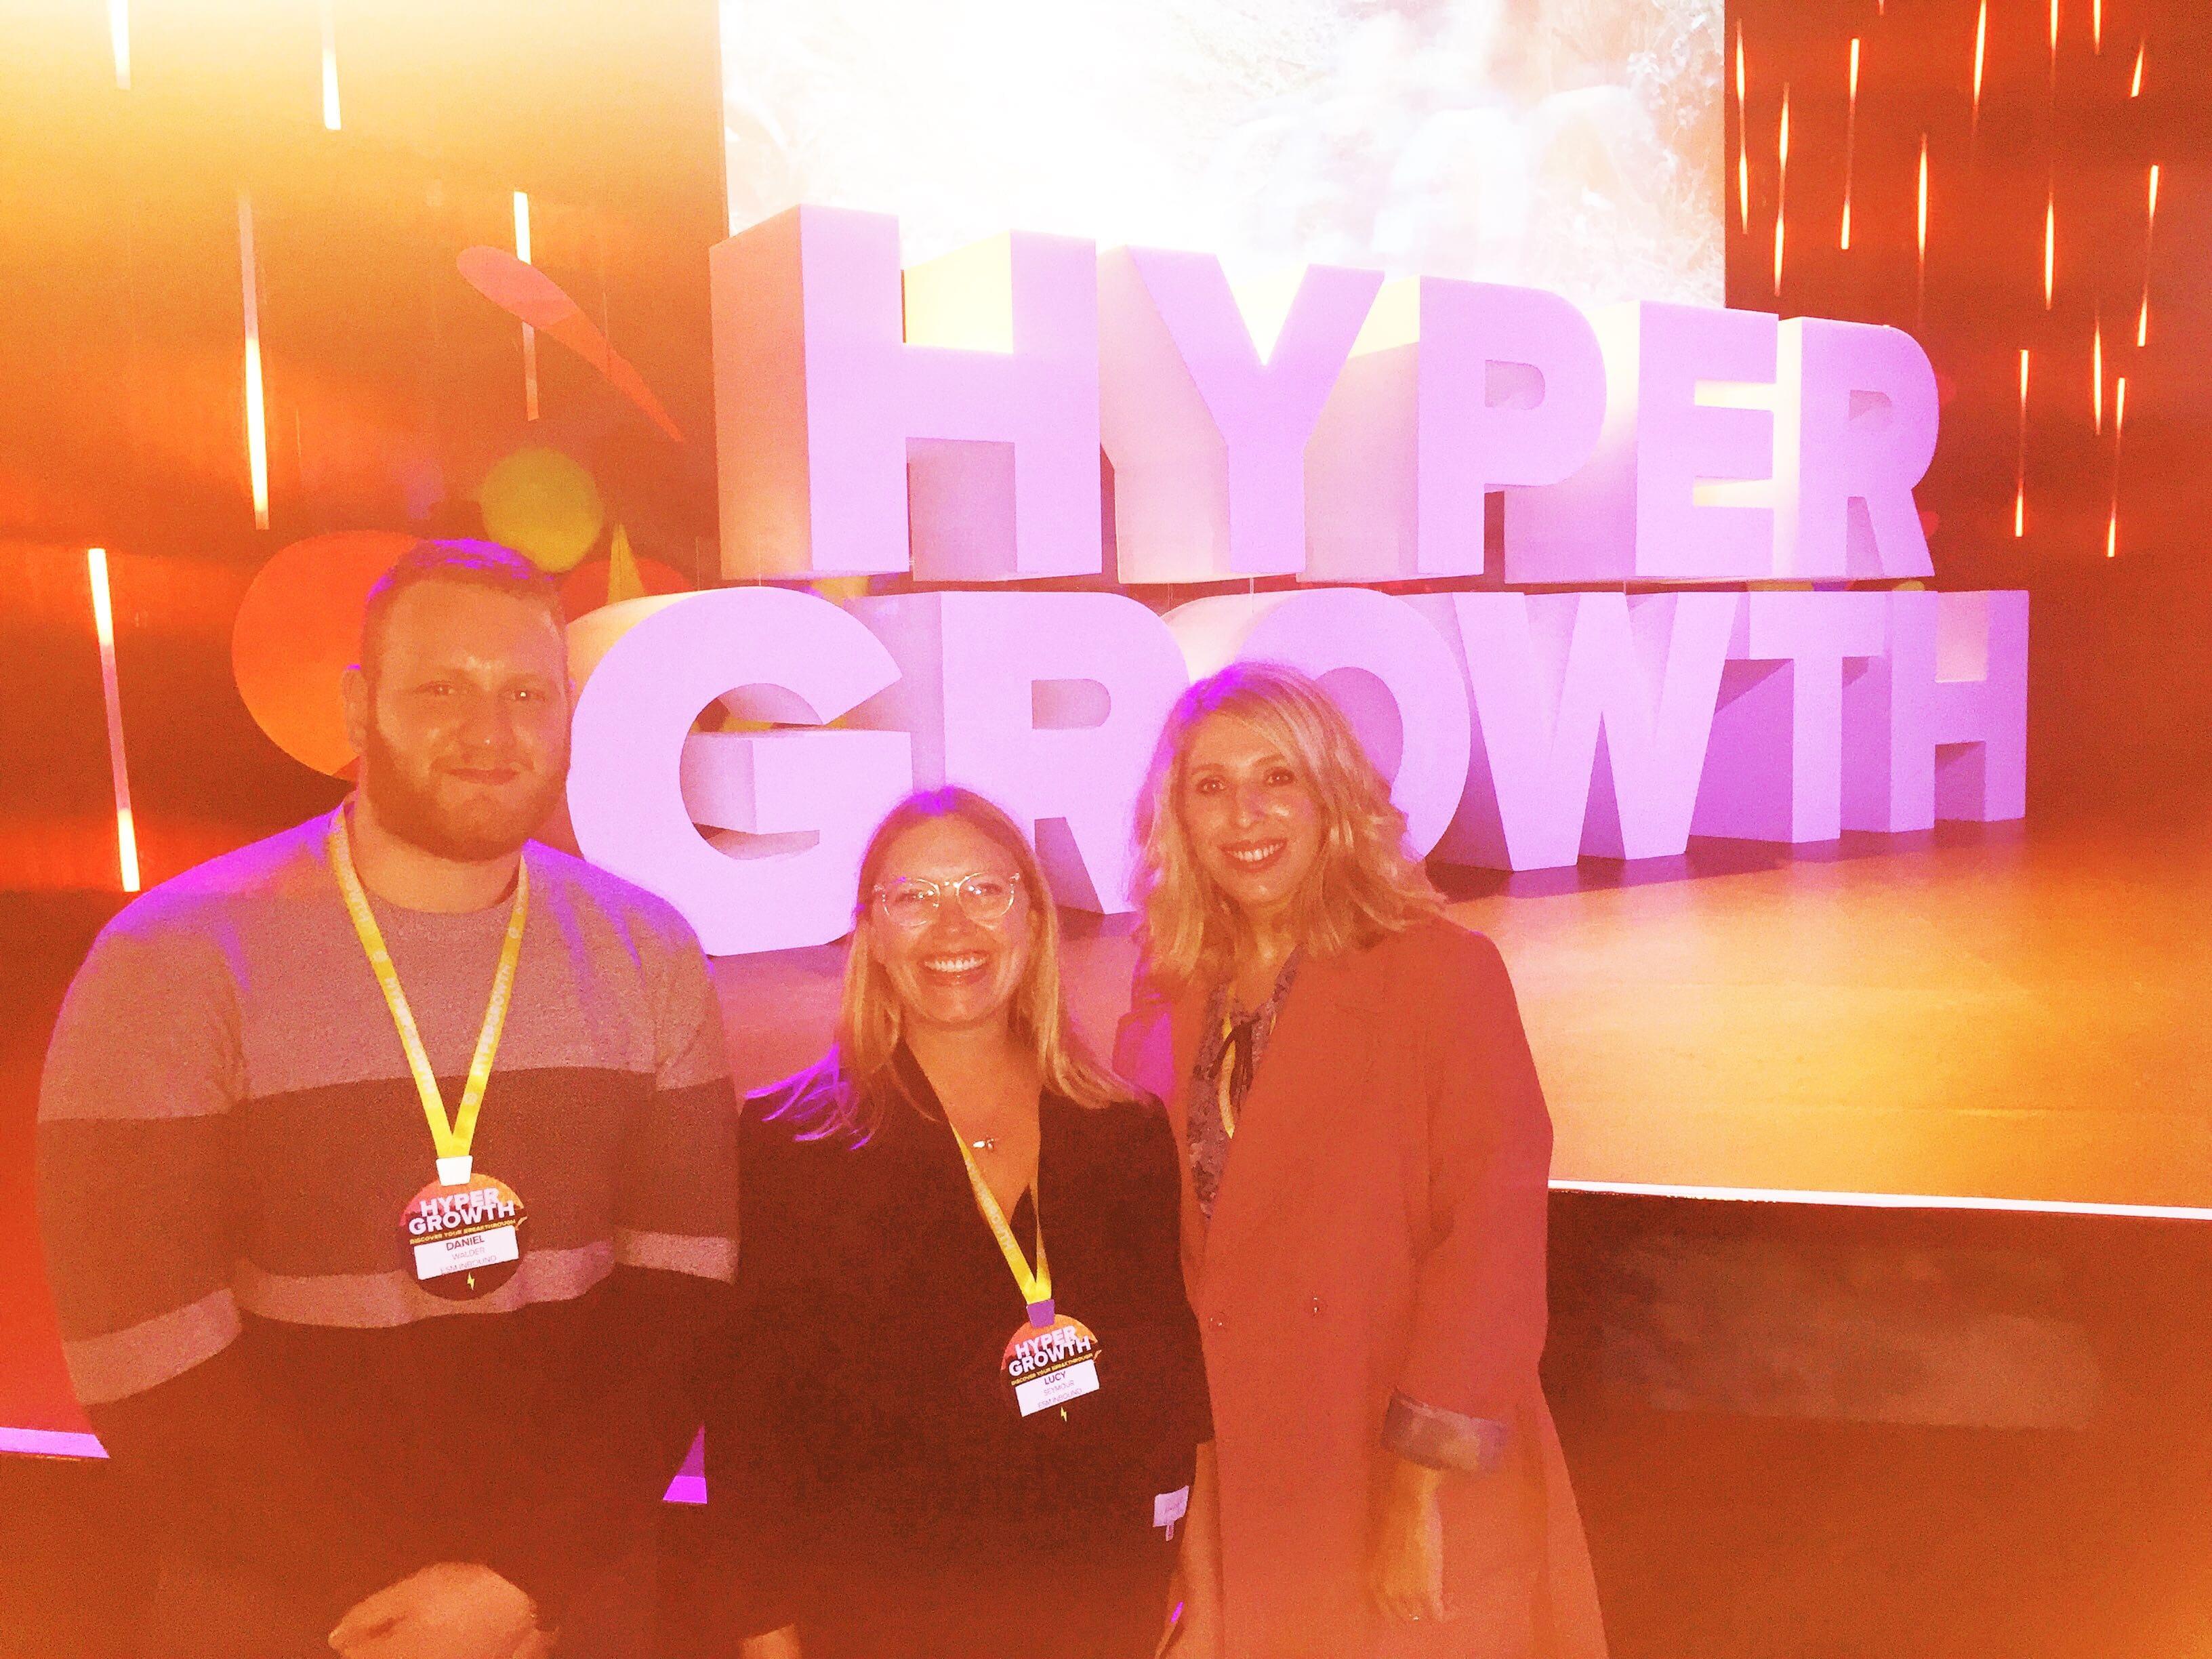 Hypergrowth (1)